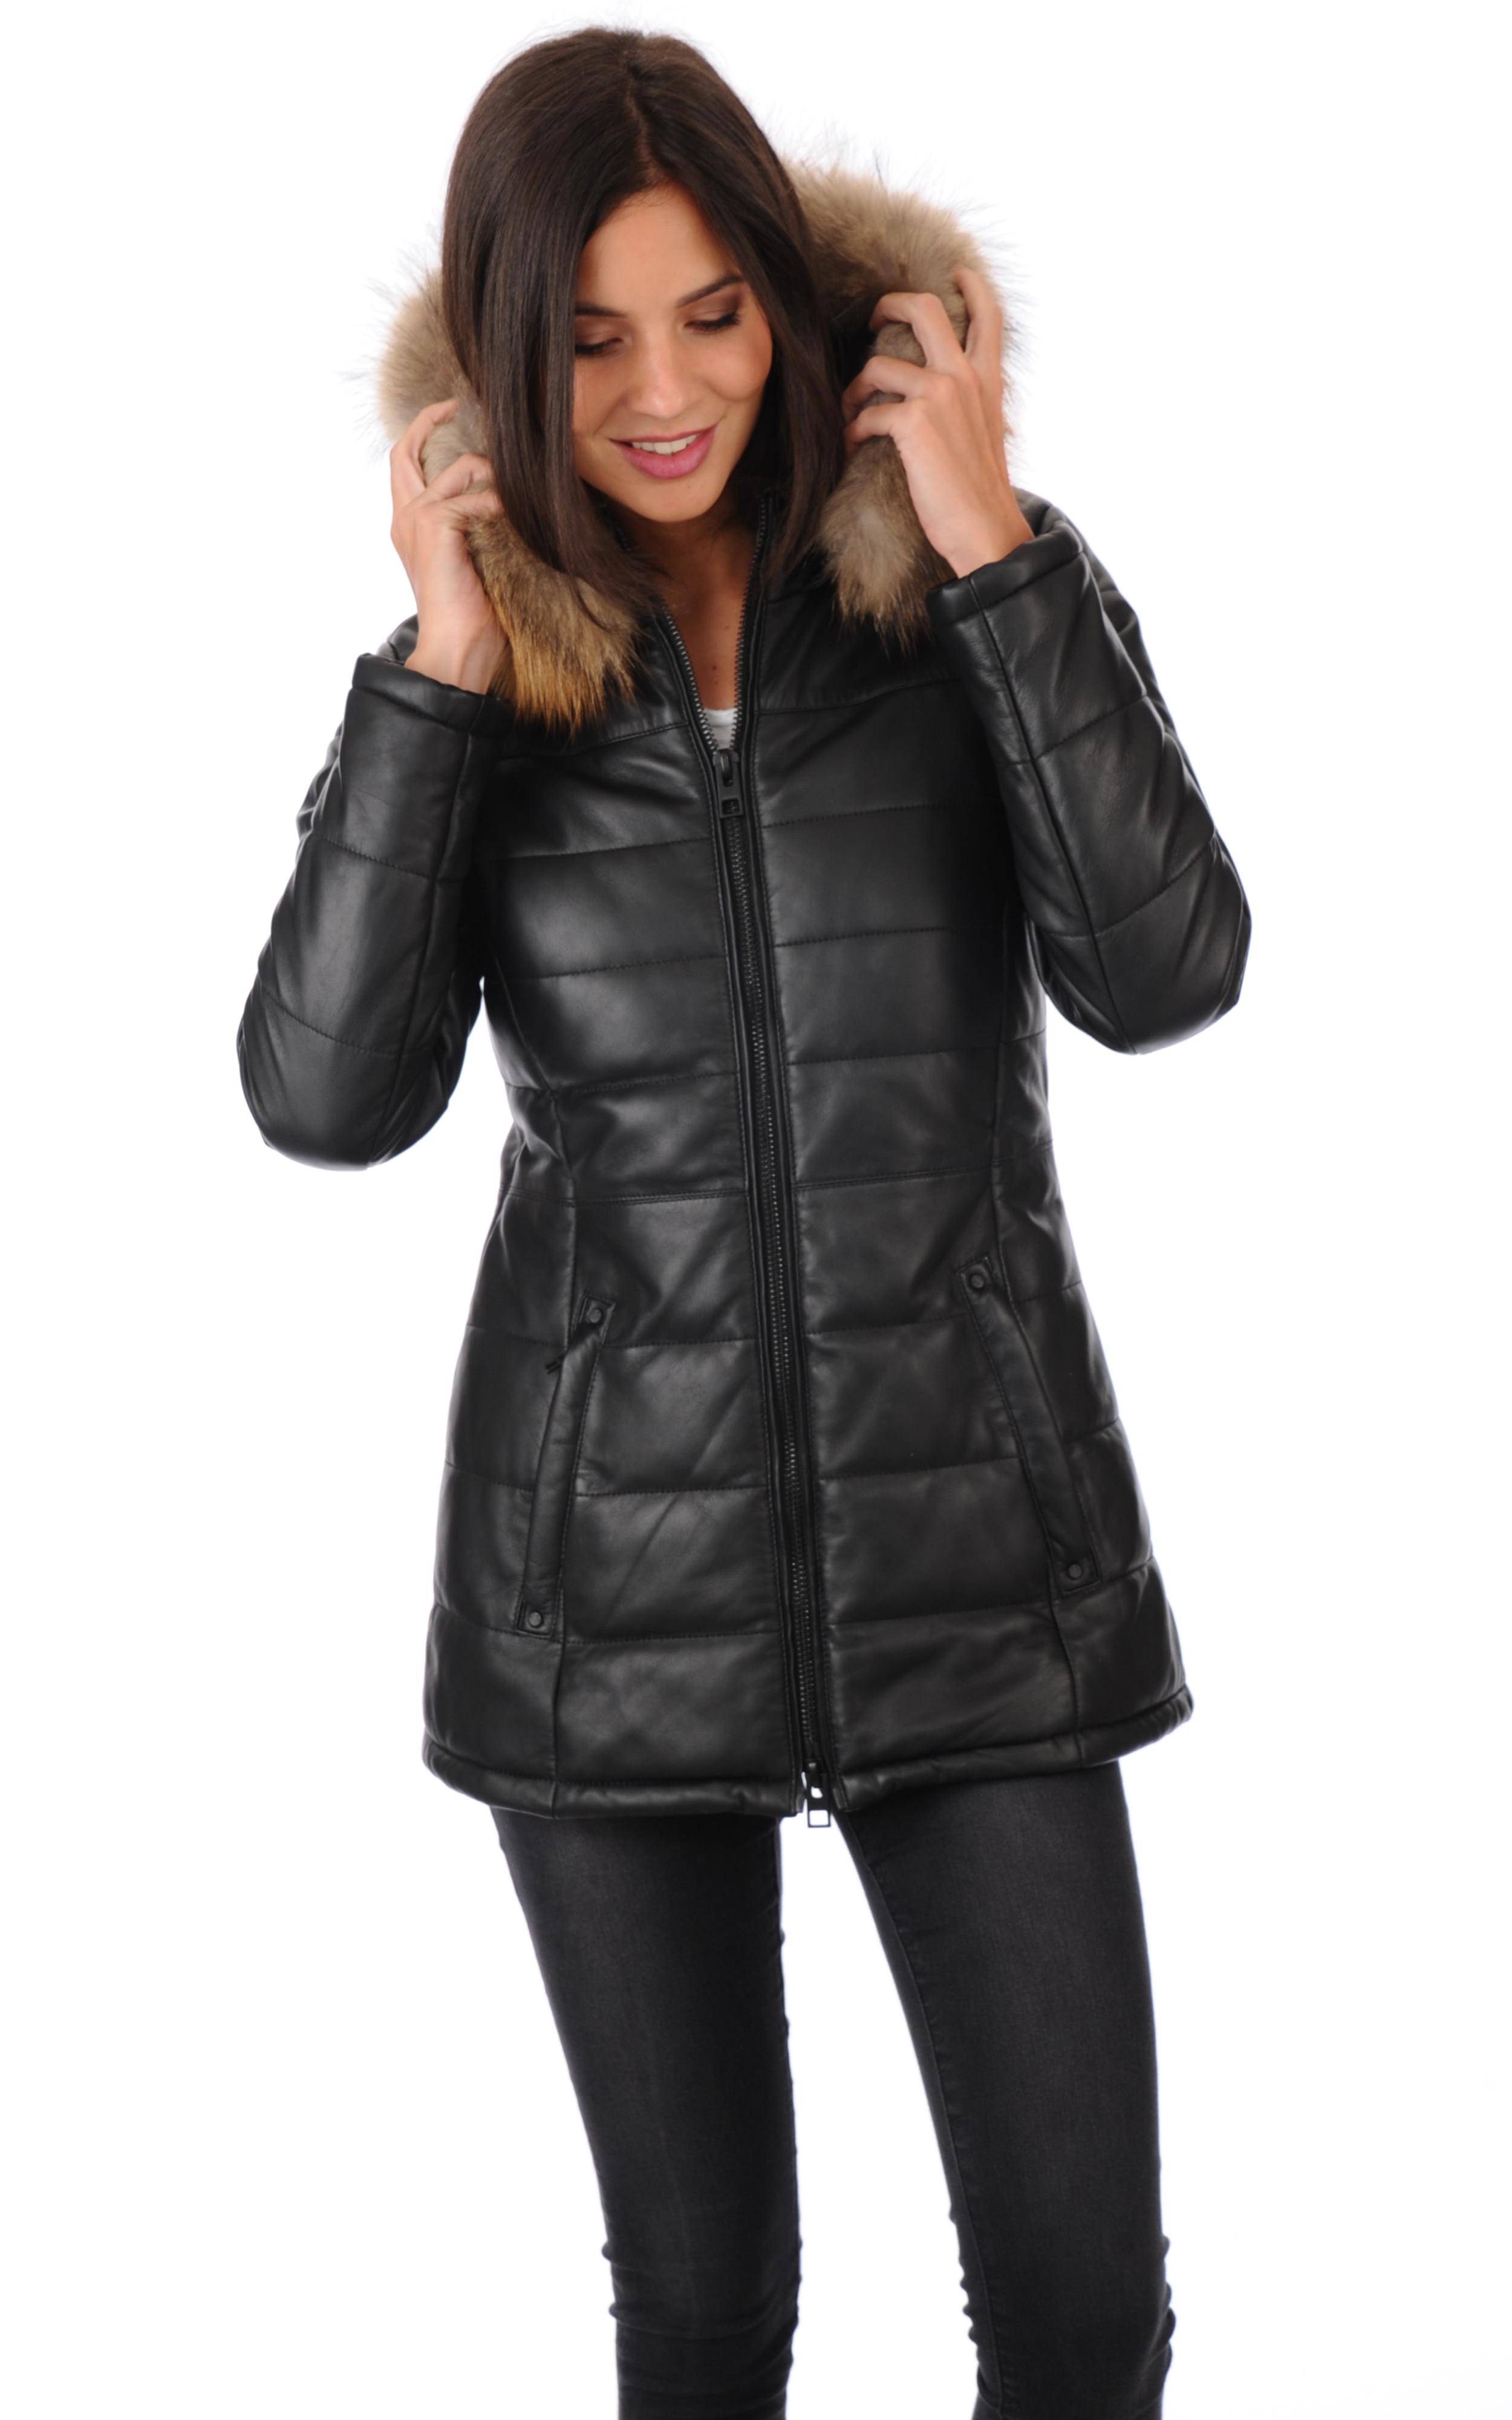 doudoune cuir femme oakwood la canadienne doudoune parka cuir noir. Black Bedroom Furniture Sets. Home Design Ideas